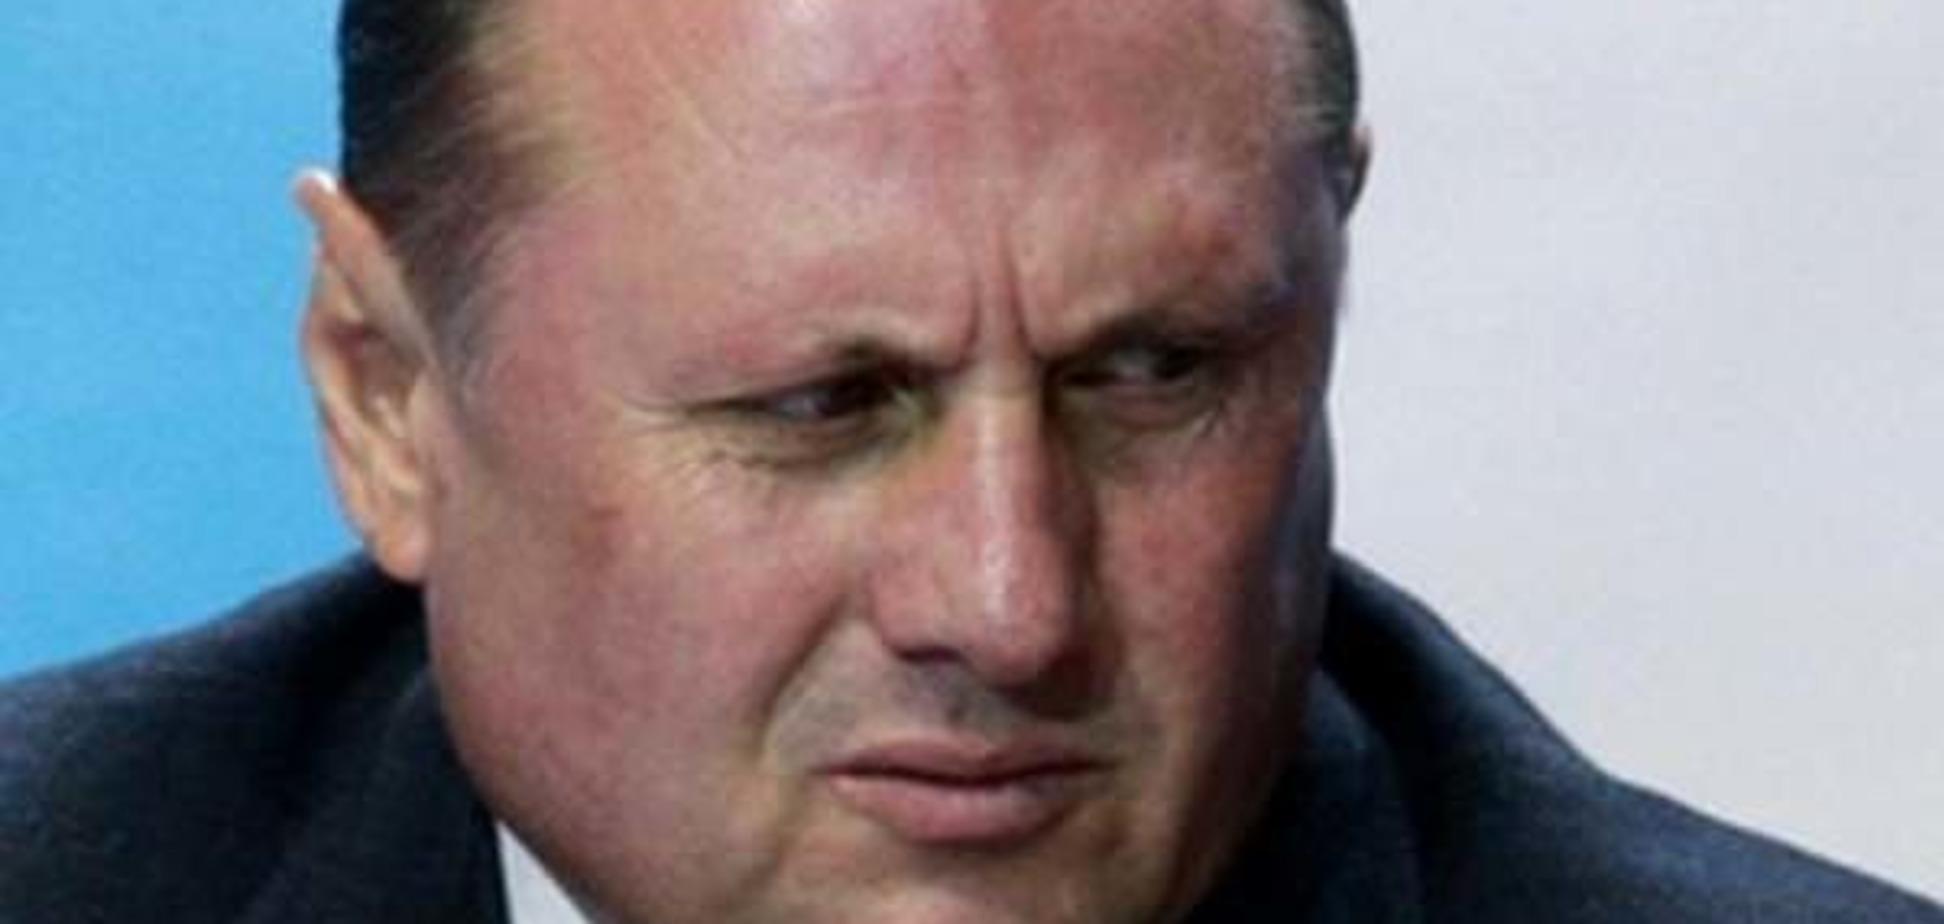 Син екс-глави Партії регіонів попався на офшорній вугільній компанії